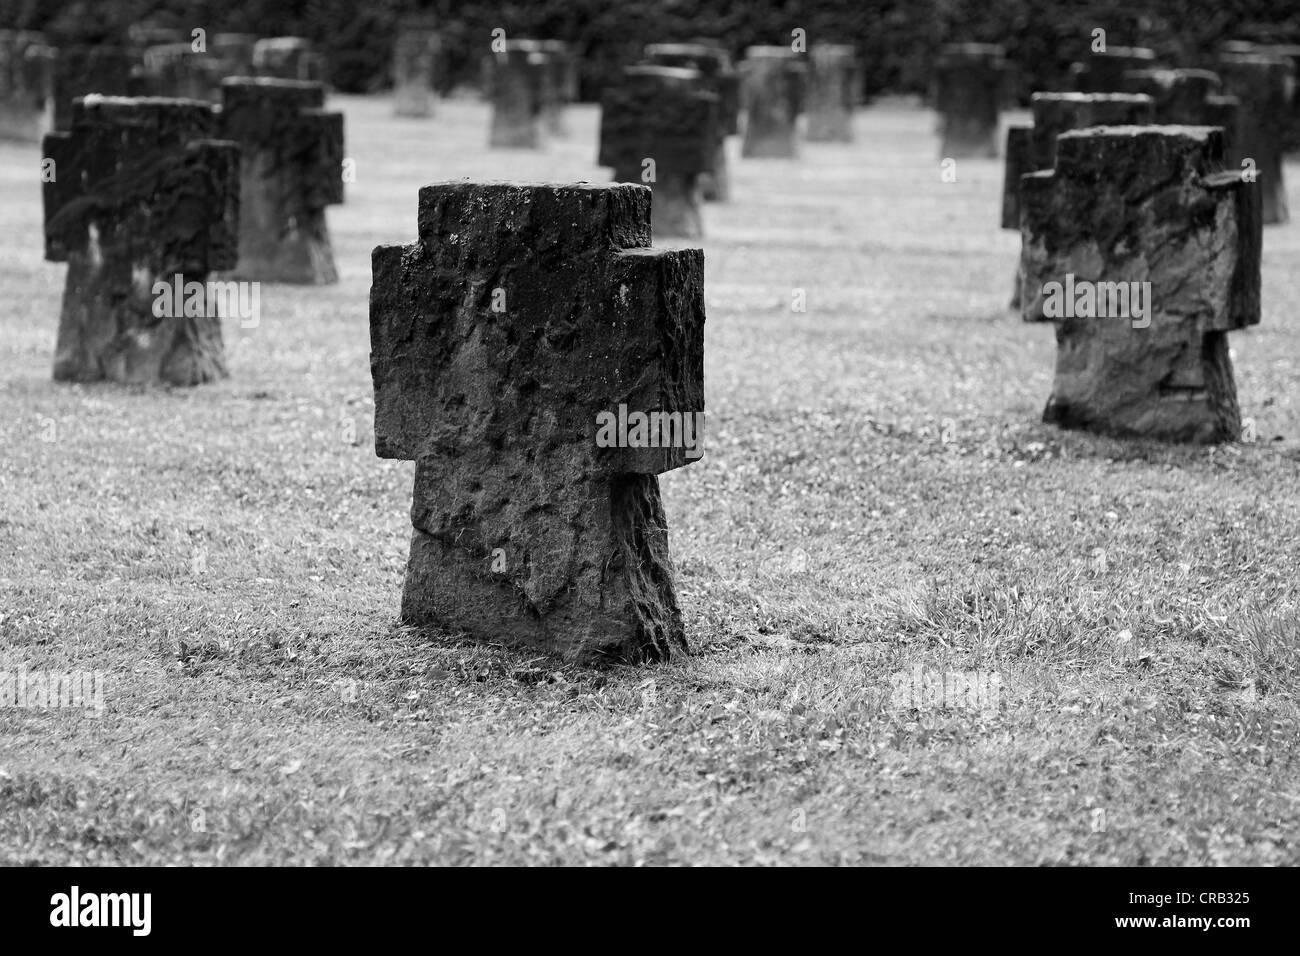 Gravestones, stone crosses, cemetery - Stock Image